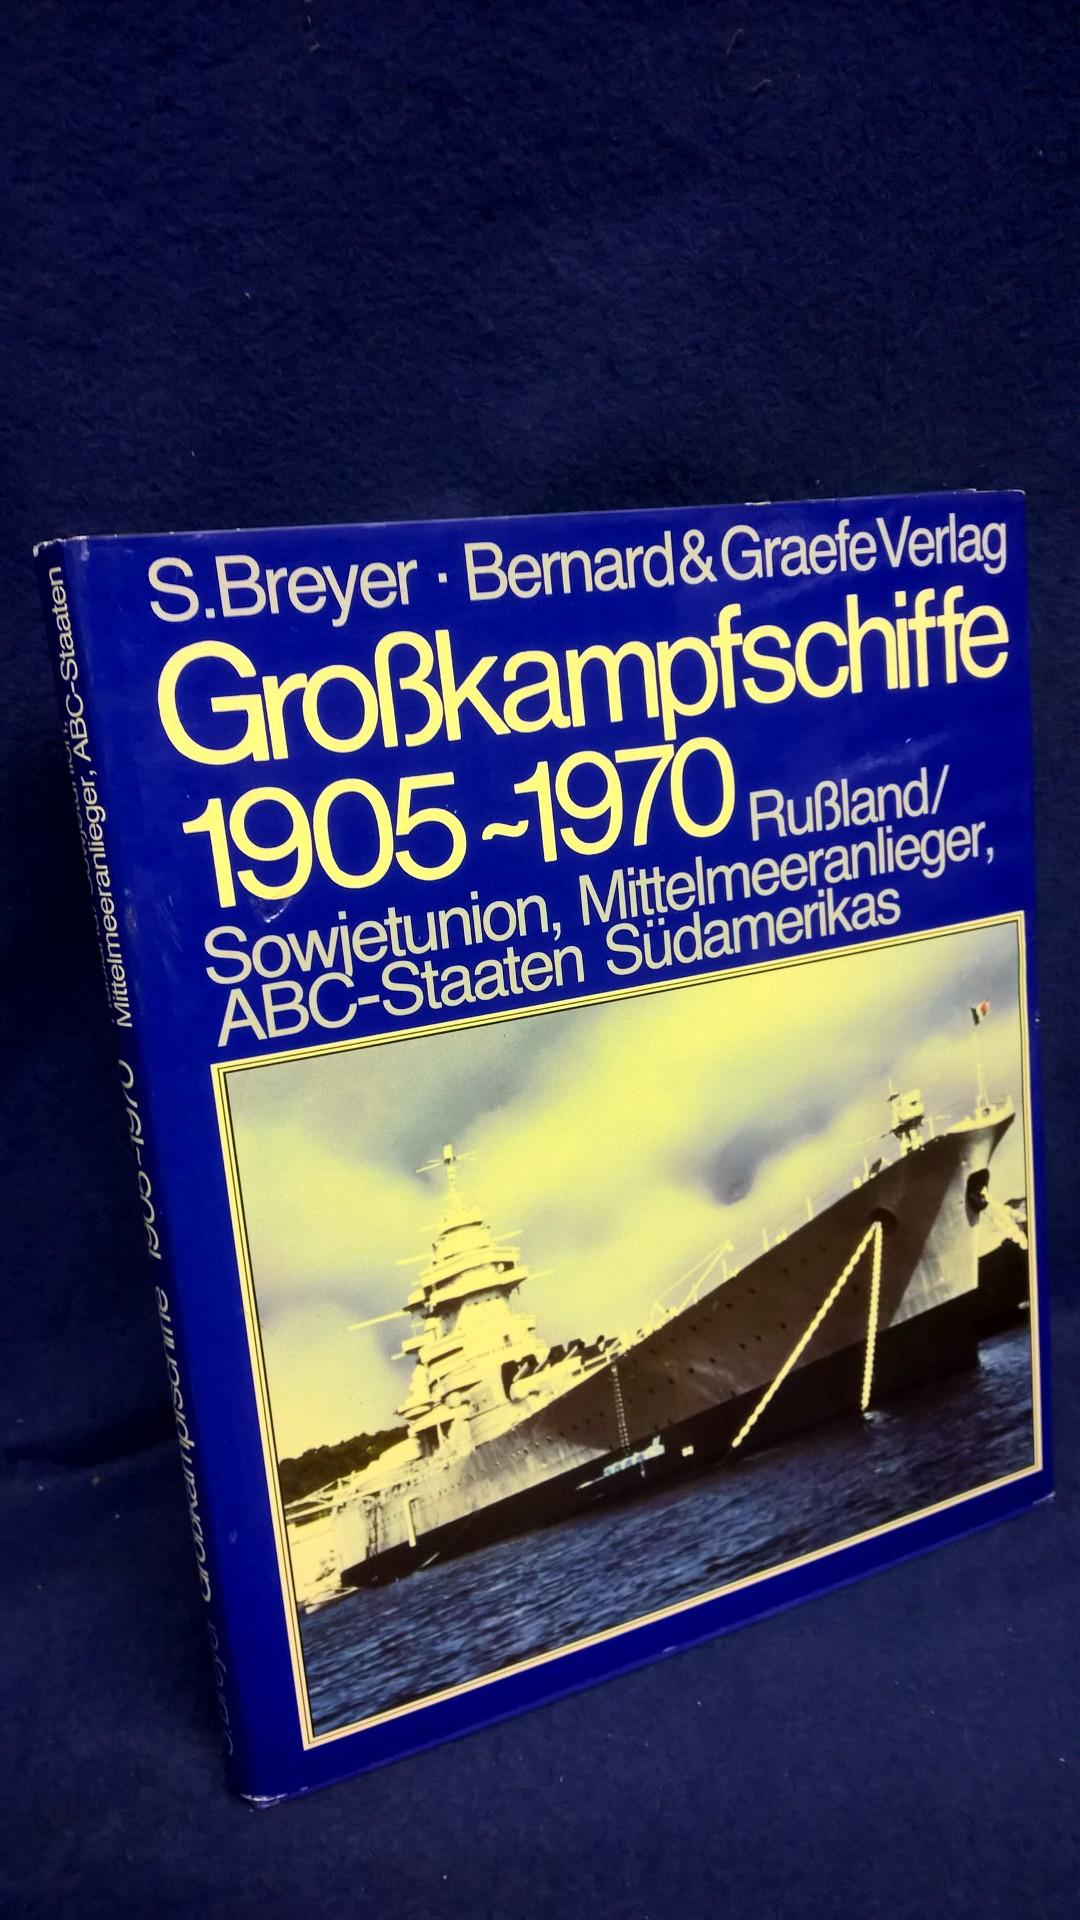 Grosskampfschiffe 1905-1970. Wehrtechnik im Bild Band 3: Rußland/Sowjetunion, Mittelmeeranlieger, ABC-Staaten Südamerikas.